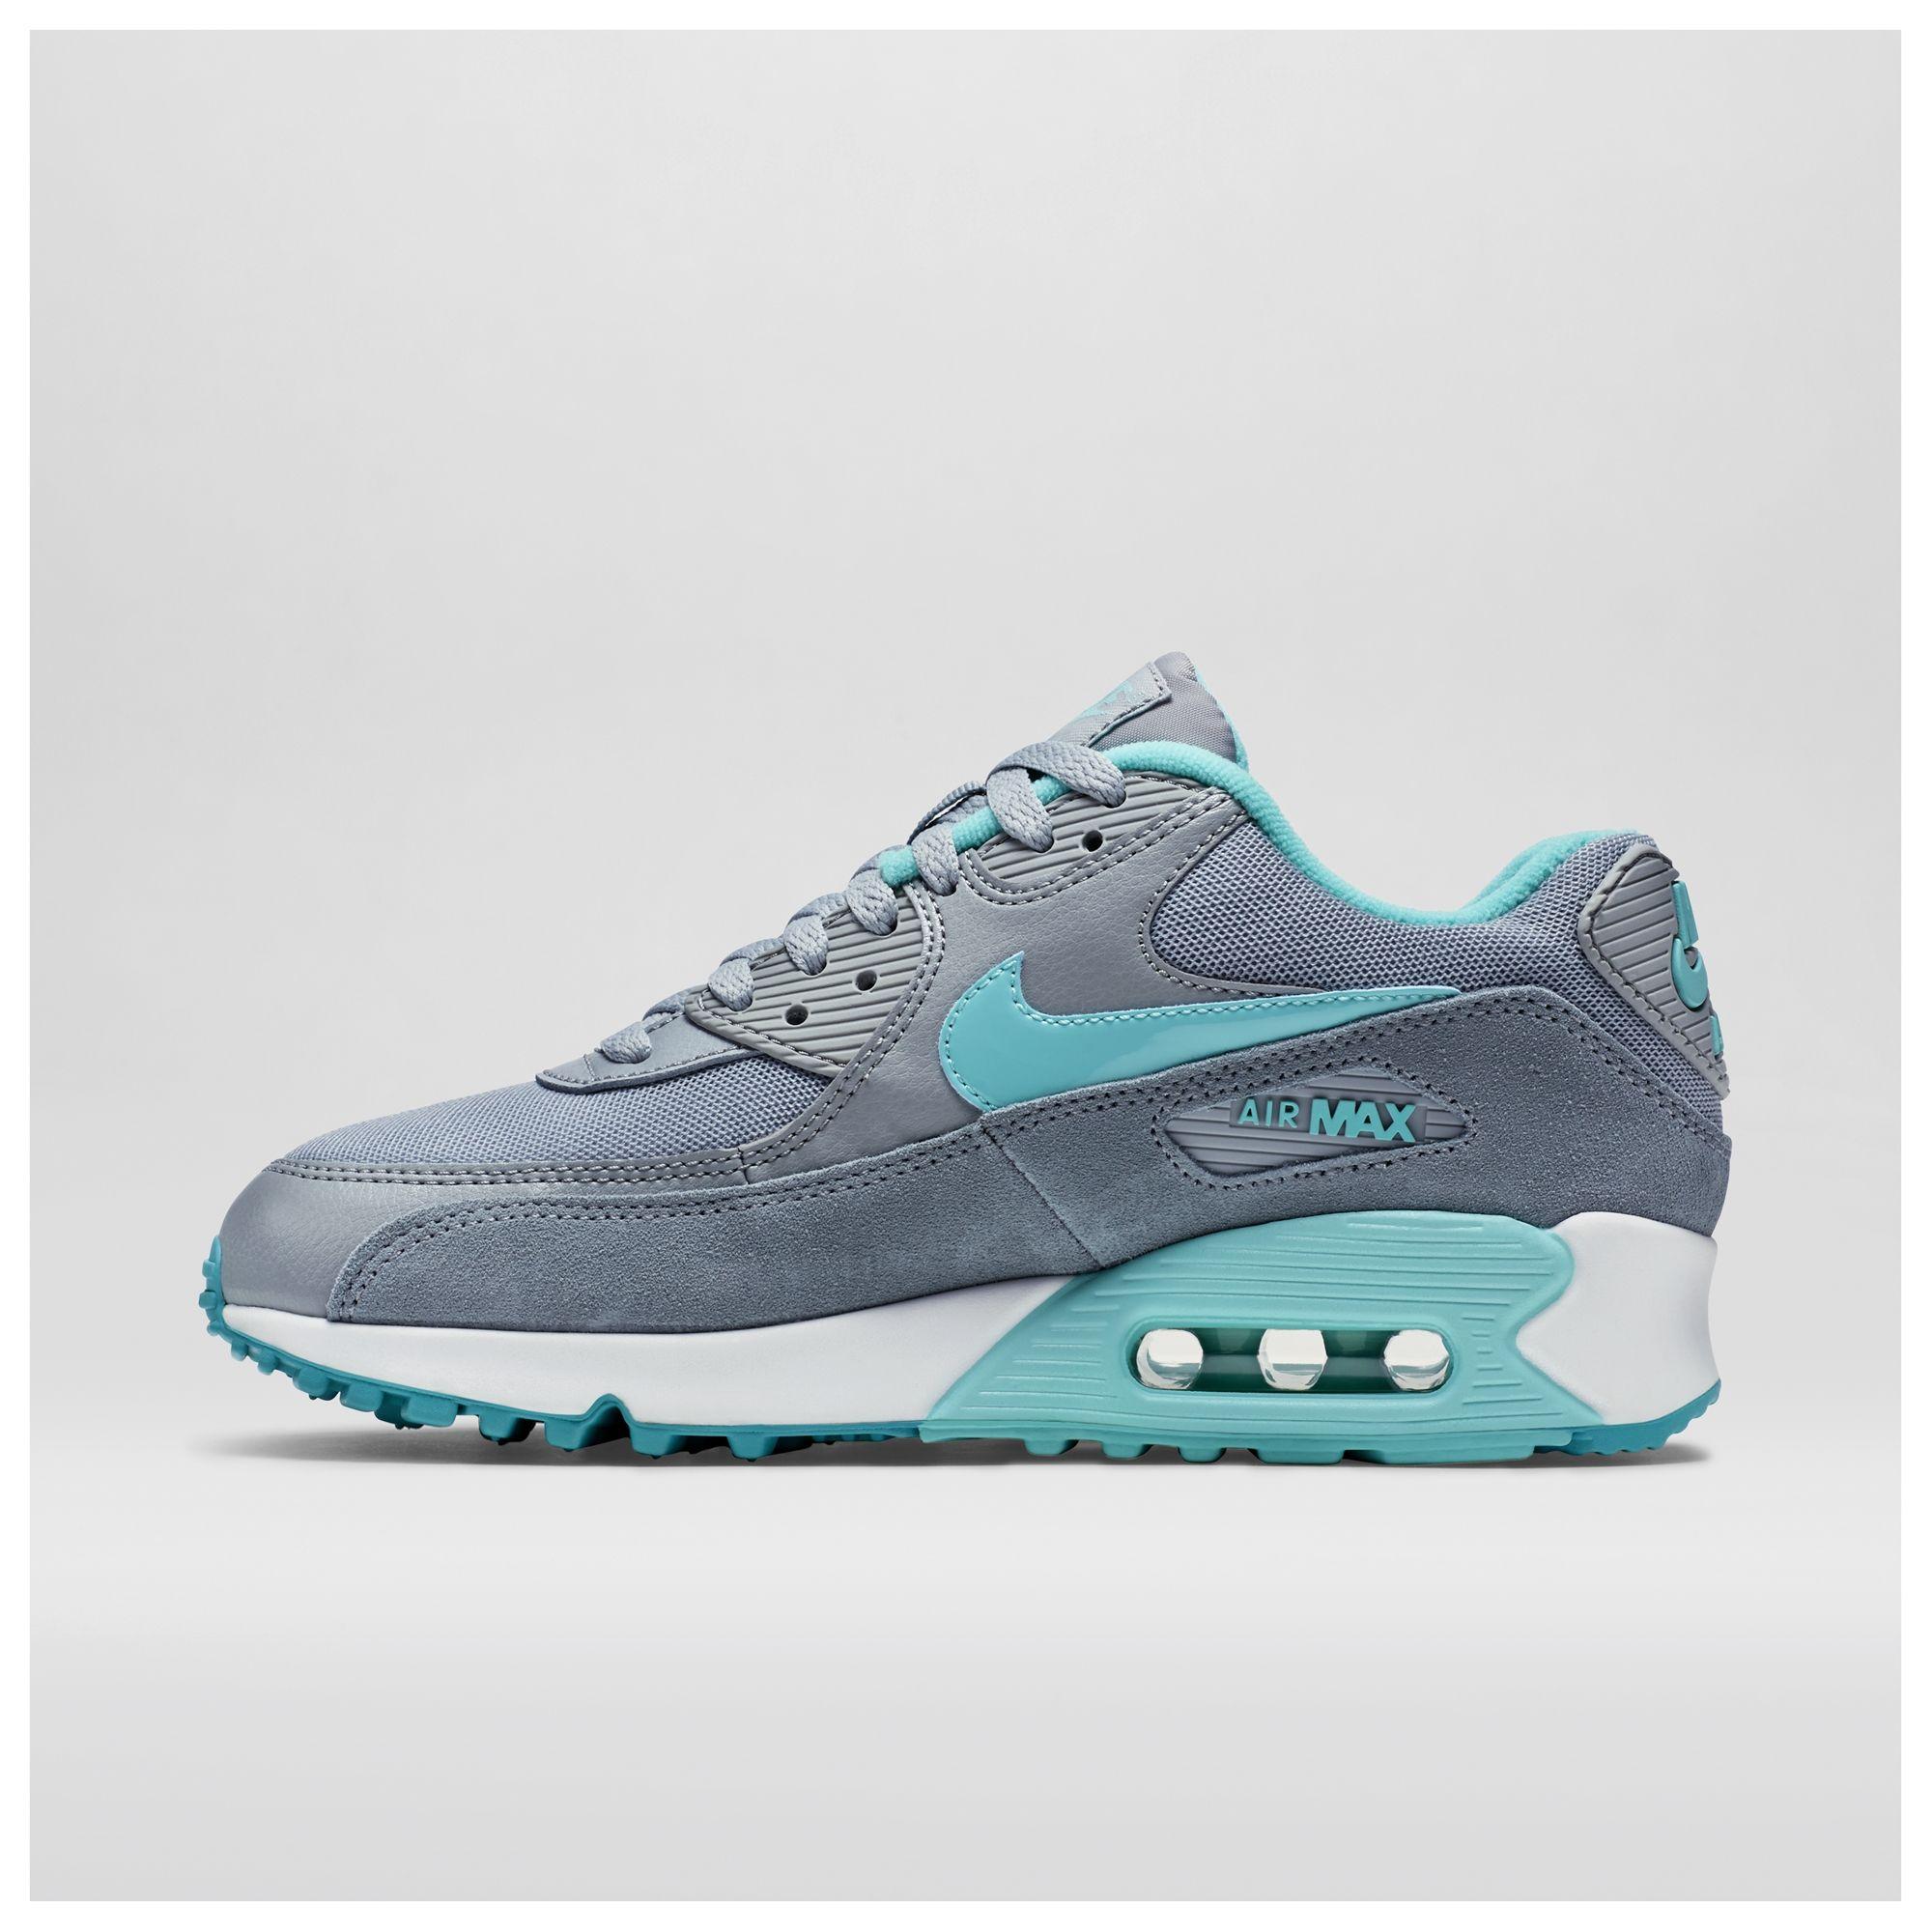 7a5d8f7478a Tênis Nike Air Max 90 Essential Feminino